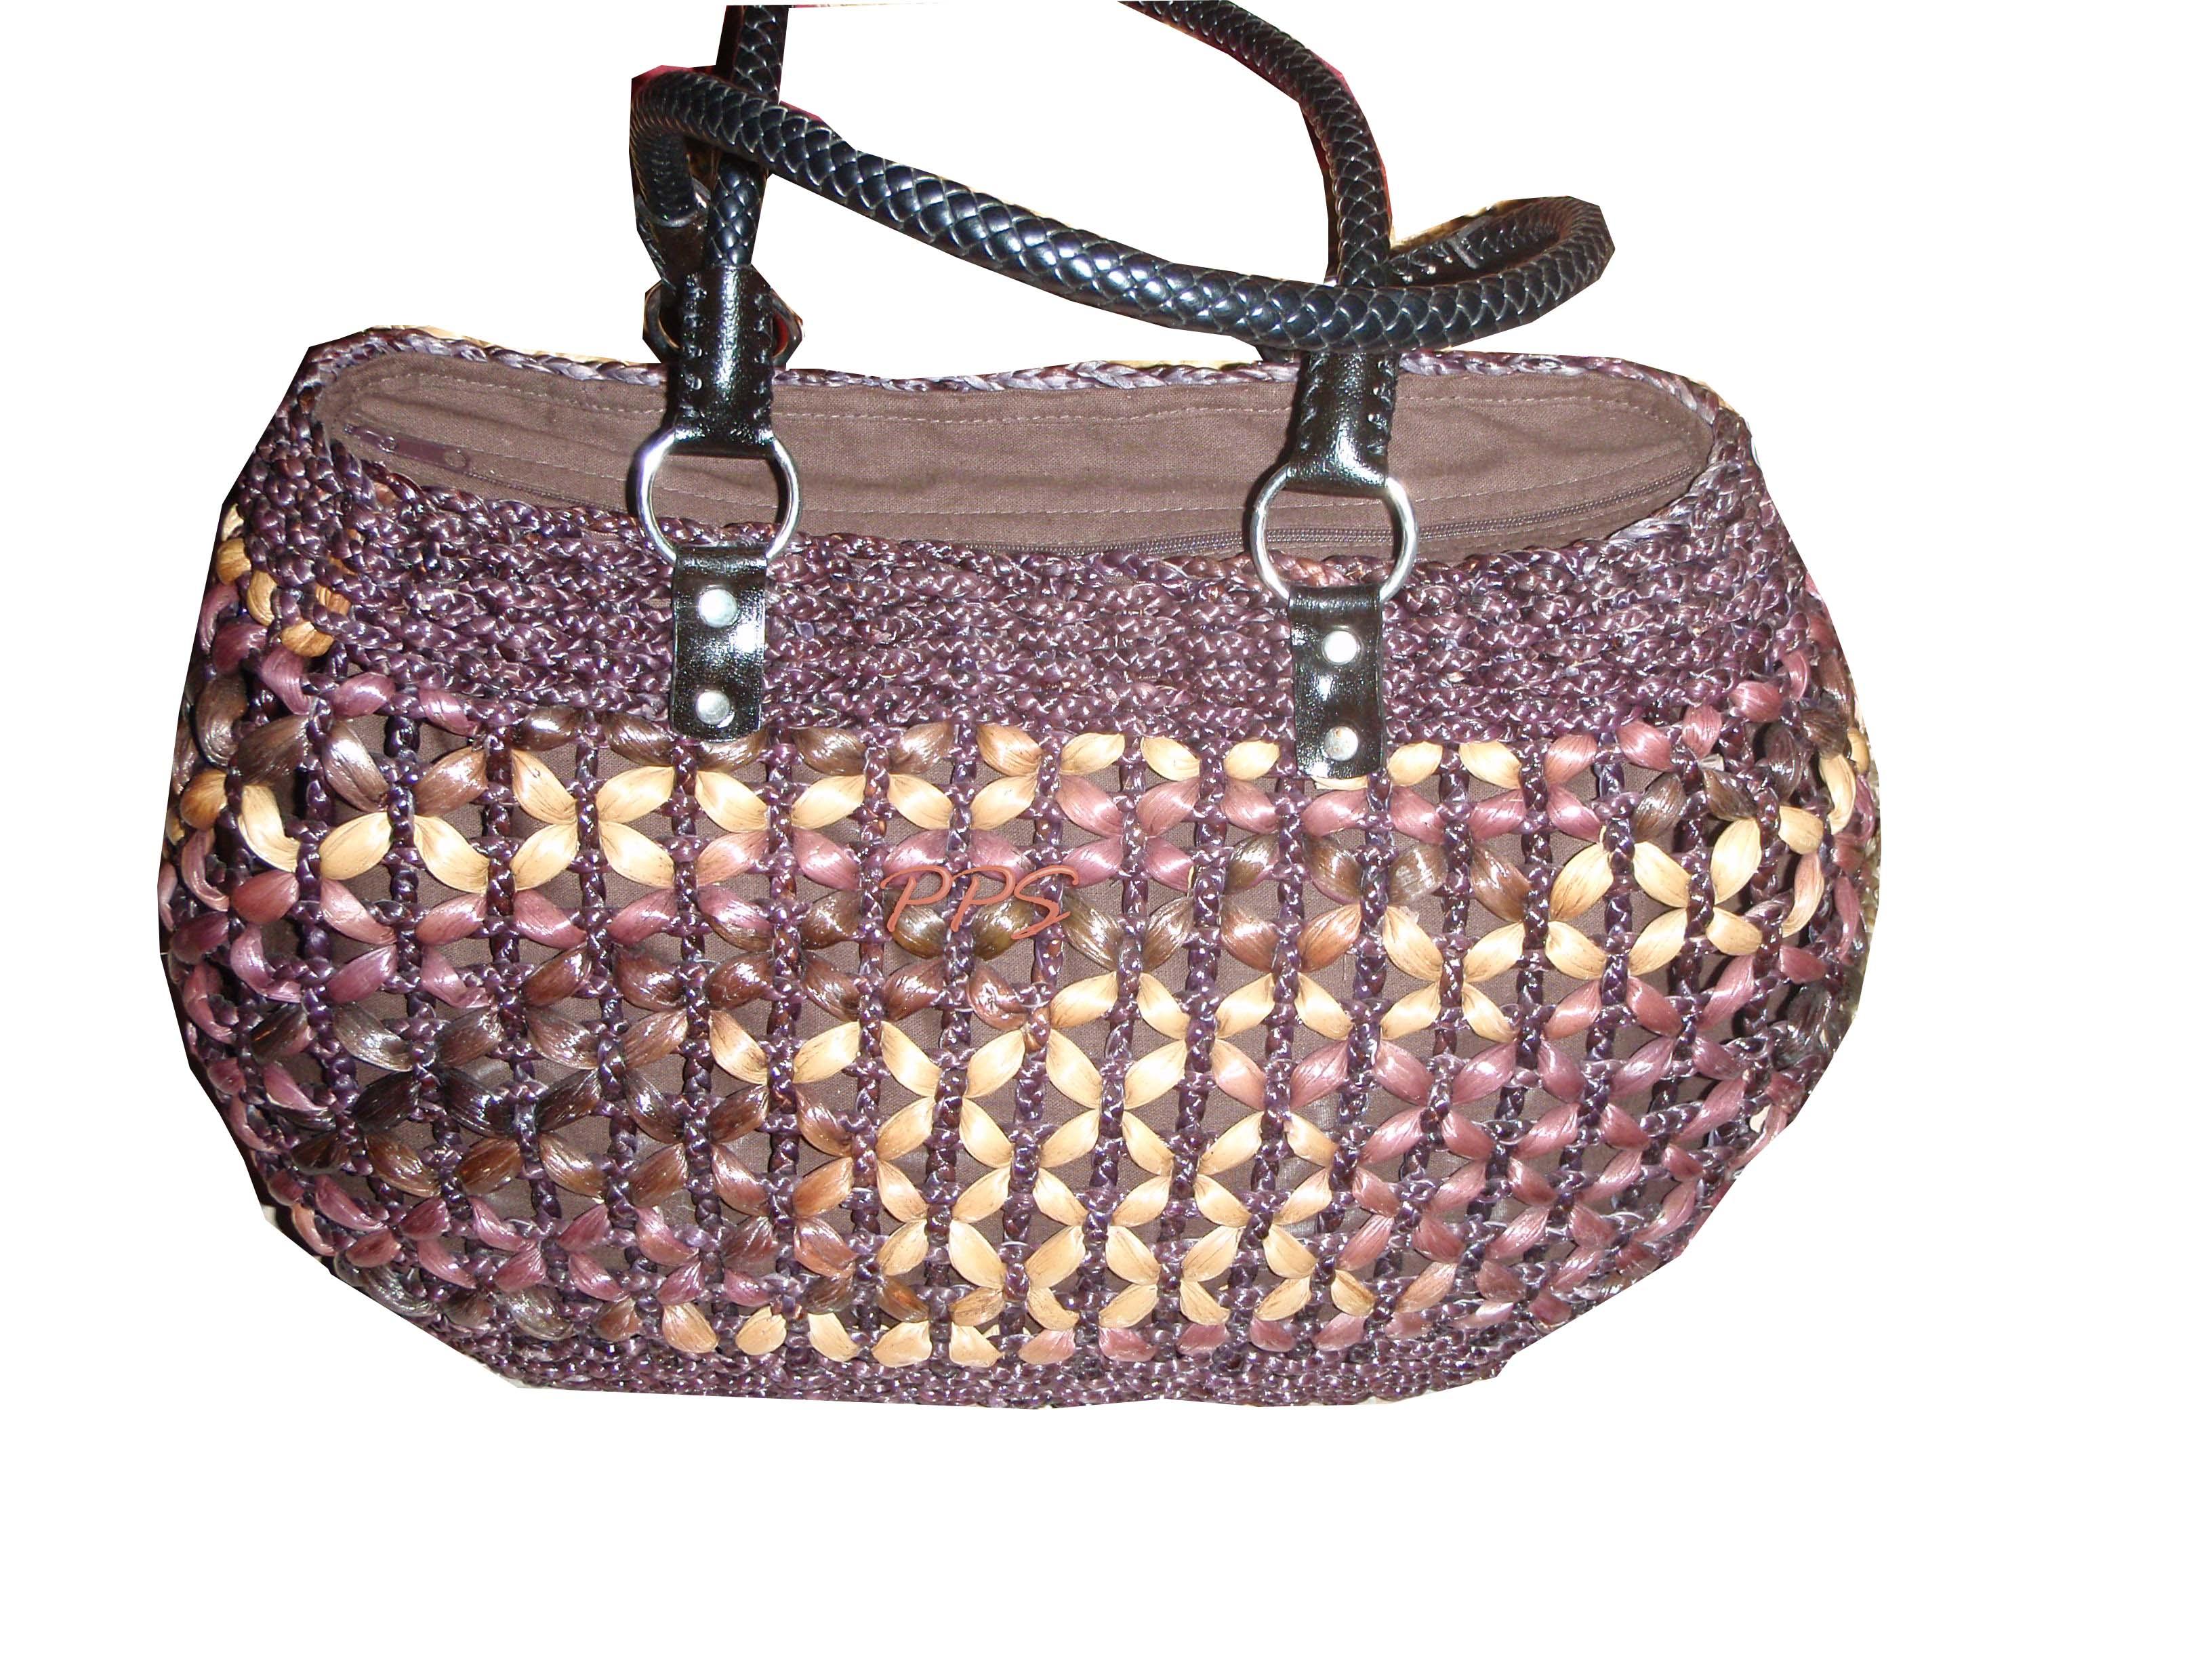 Hyacinth Bag-PPS Bag brand30